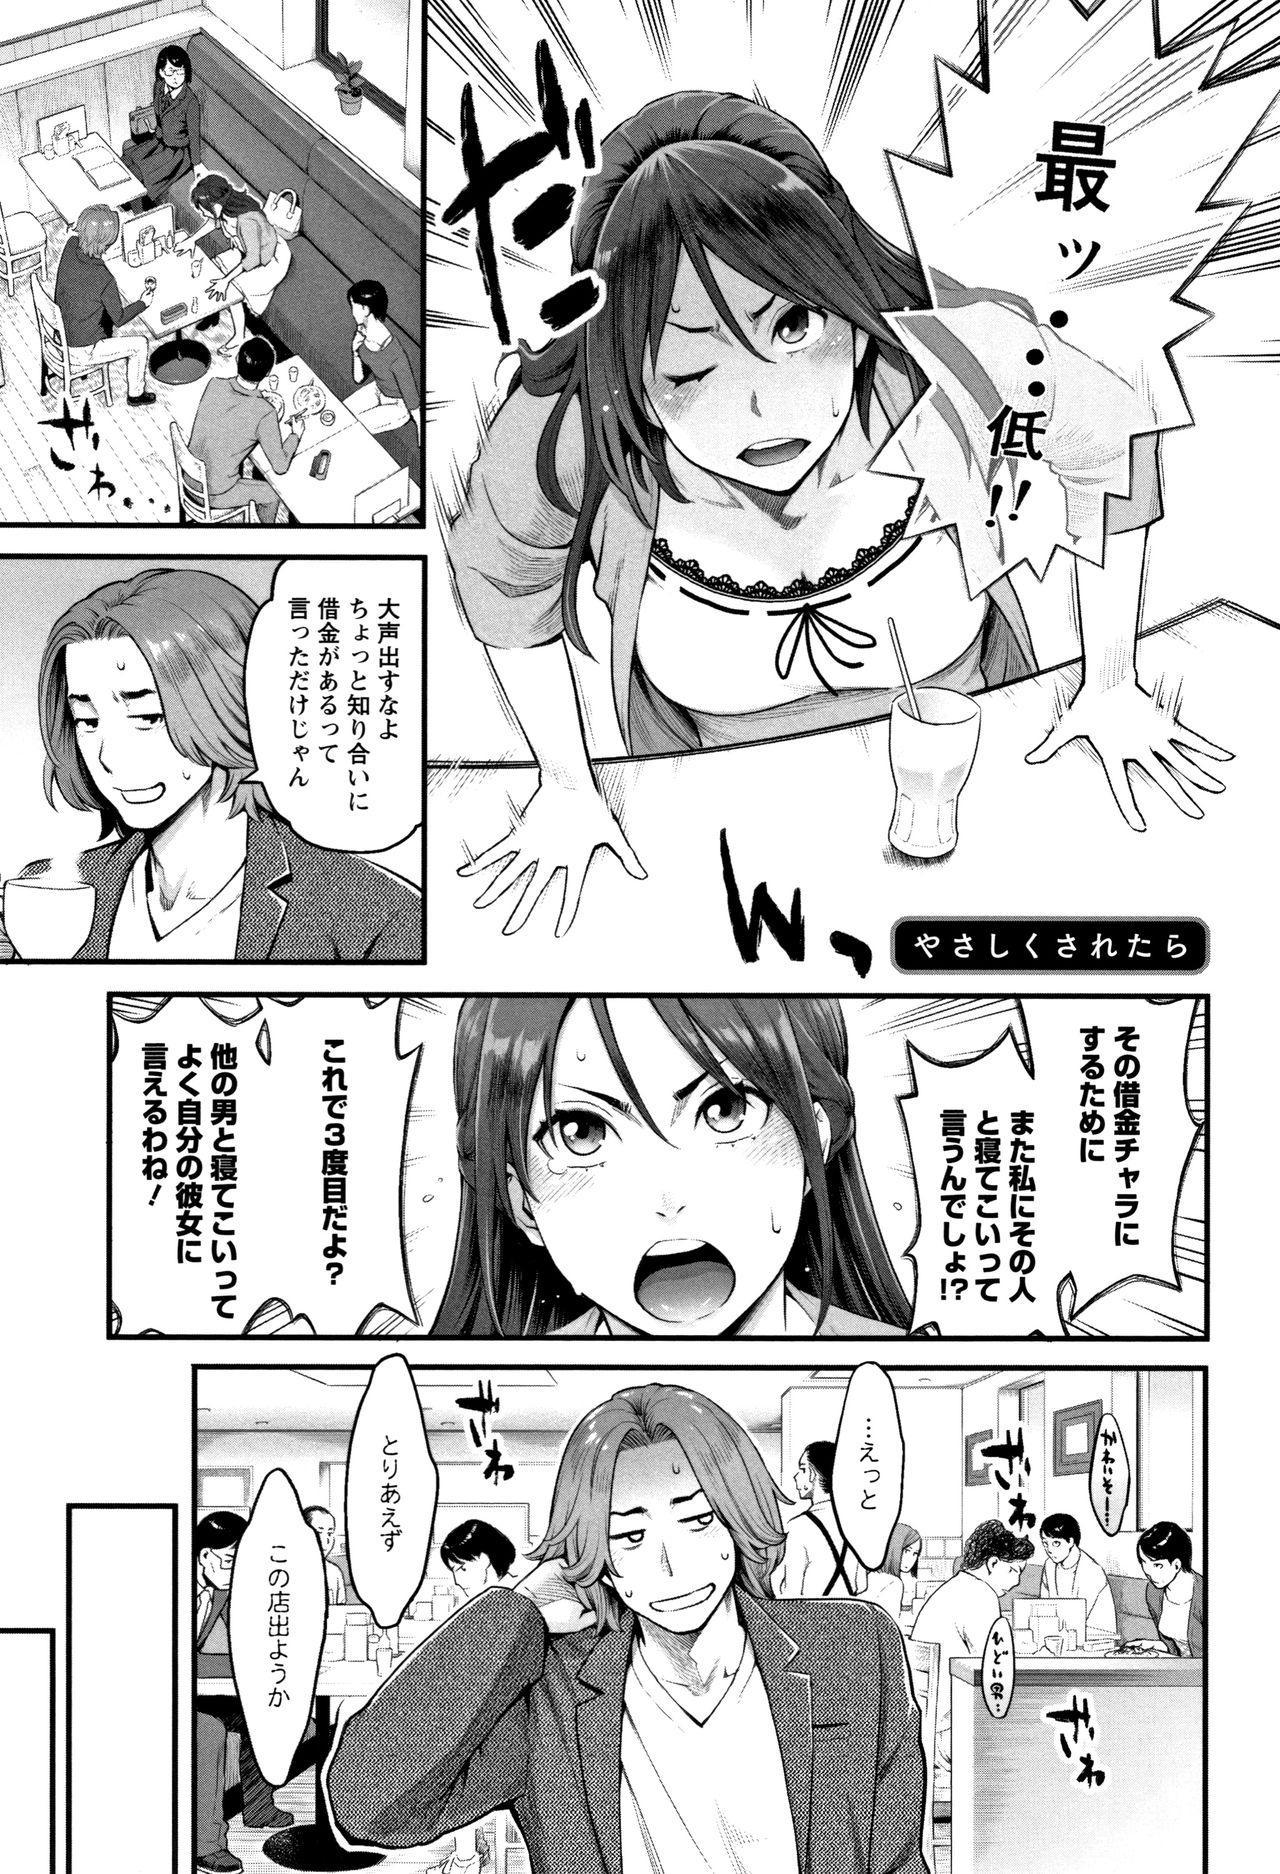 Toketa Risei wa Biyaku no Kaori 99